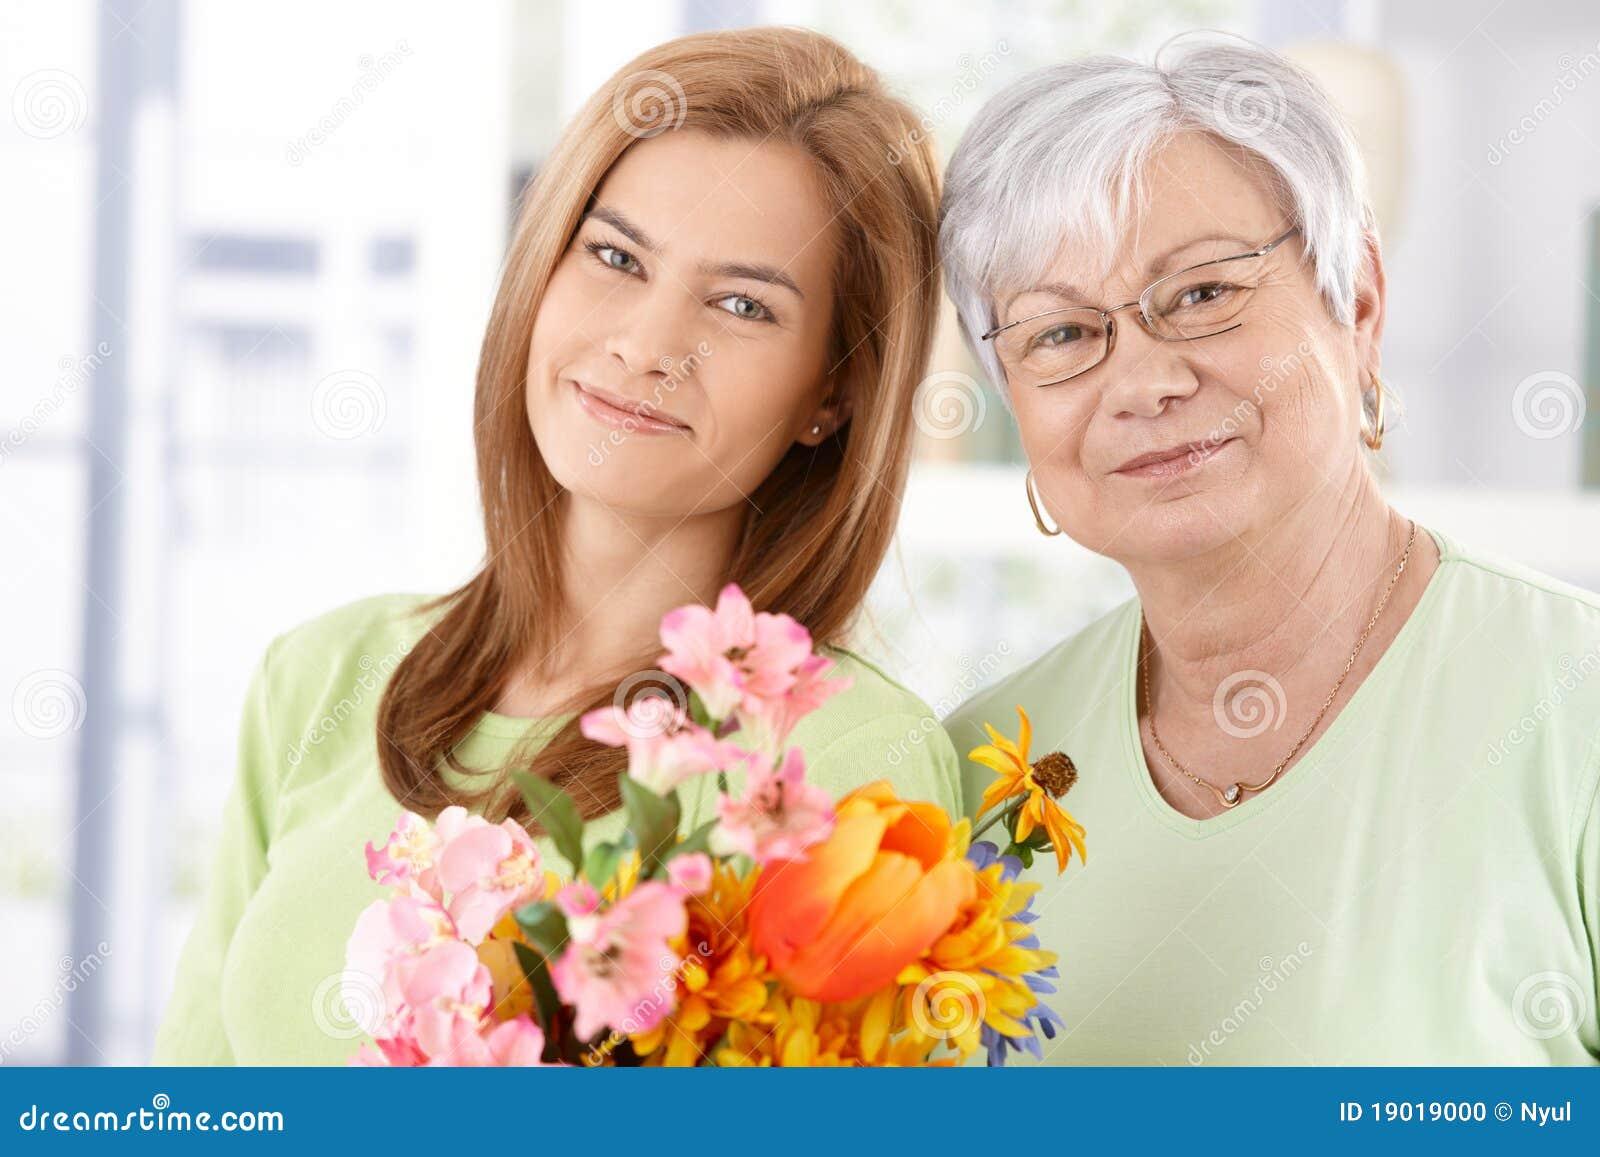 Πορτρέτο της μητέρας και της κόρης στην ημέρα της μητέρας